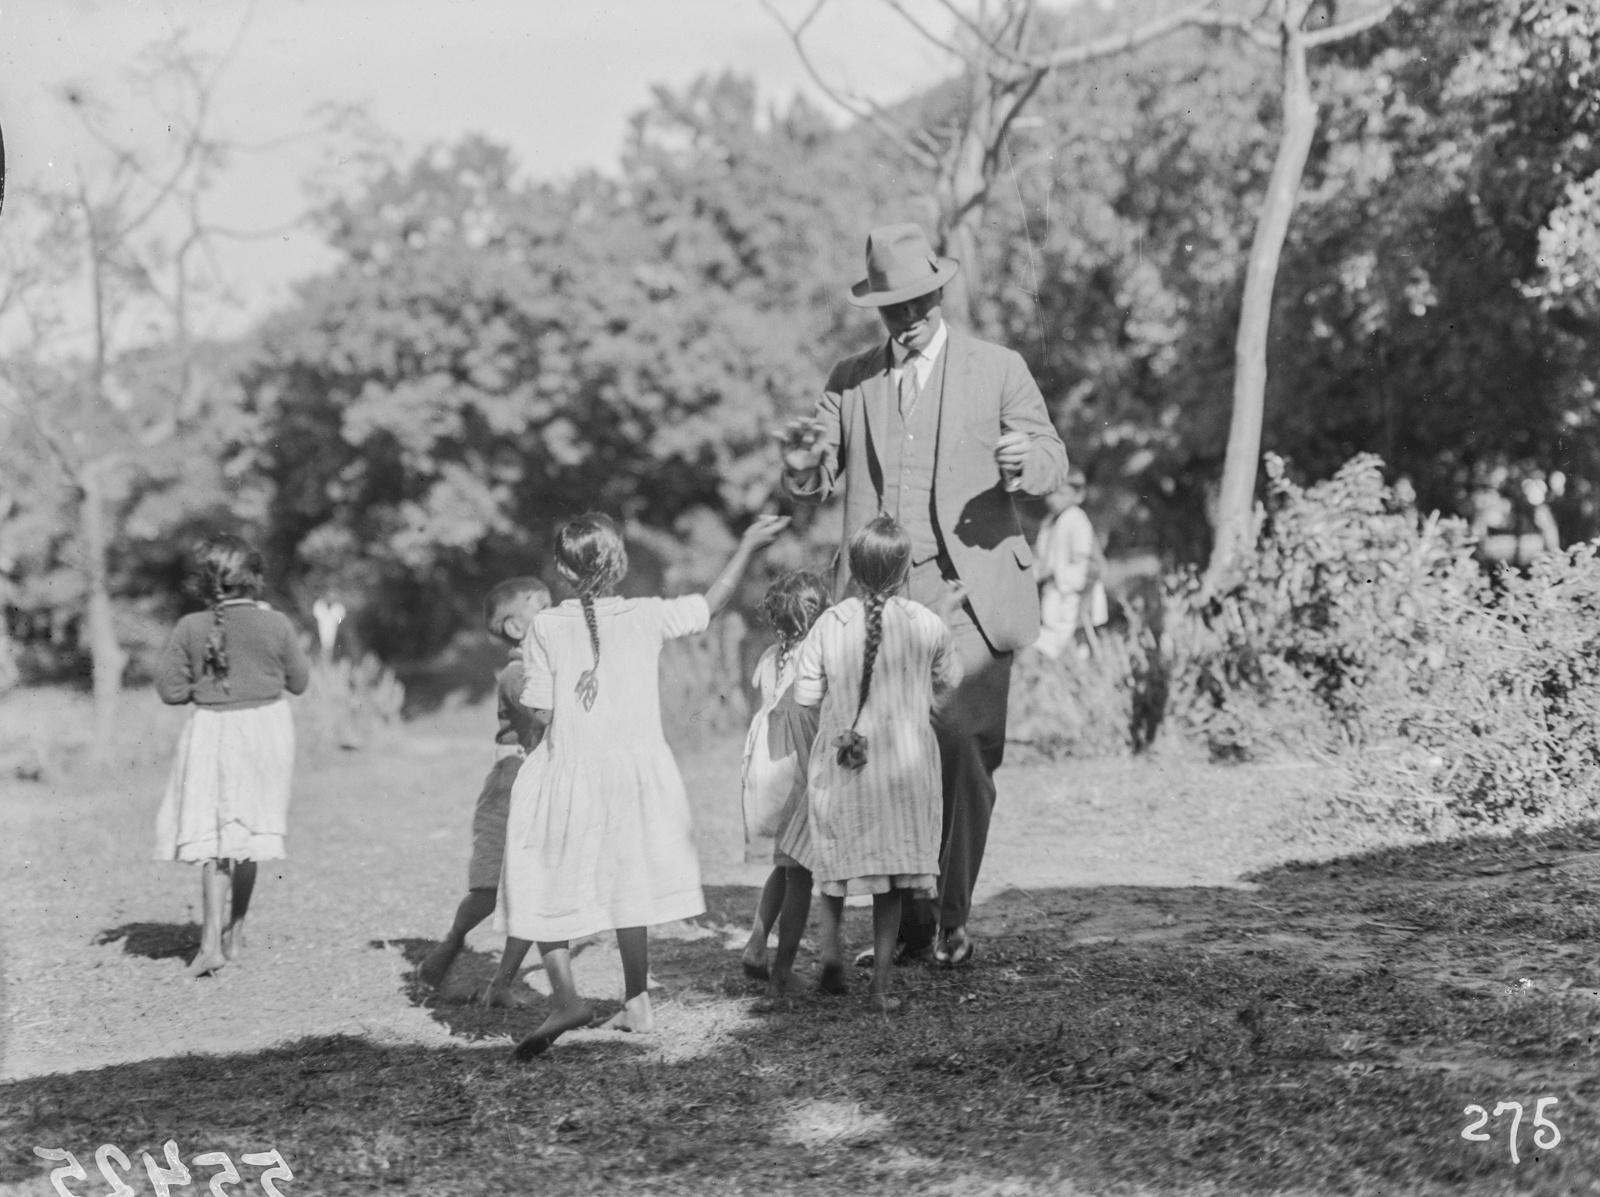 Южно-Африканский Союз. Дурбан. Участник экспедиции, окруженный детьми